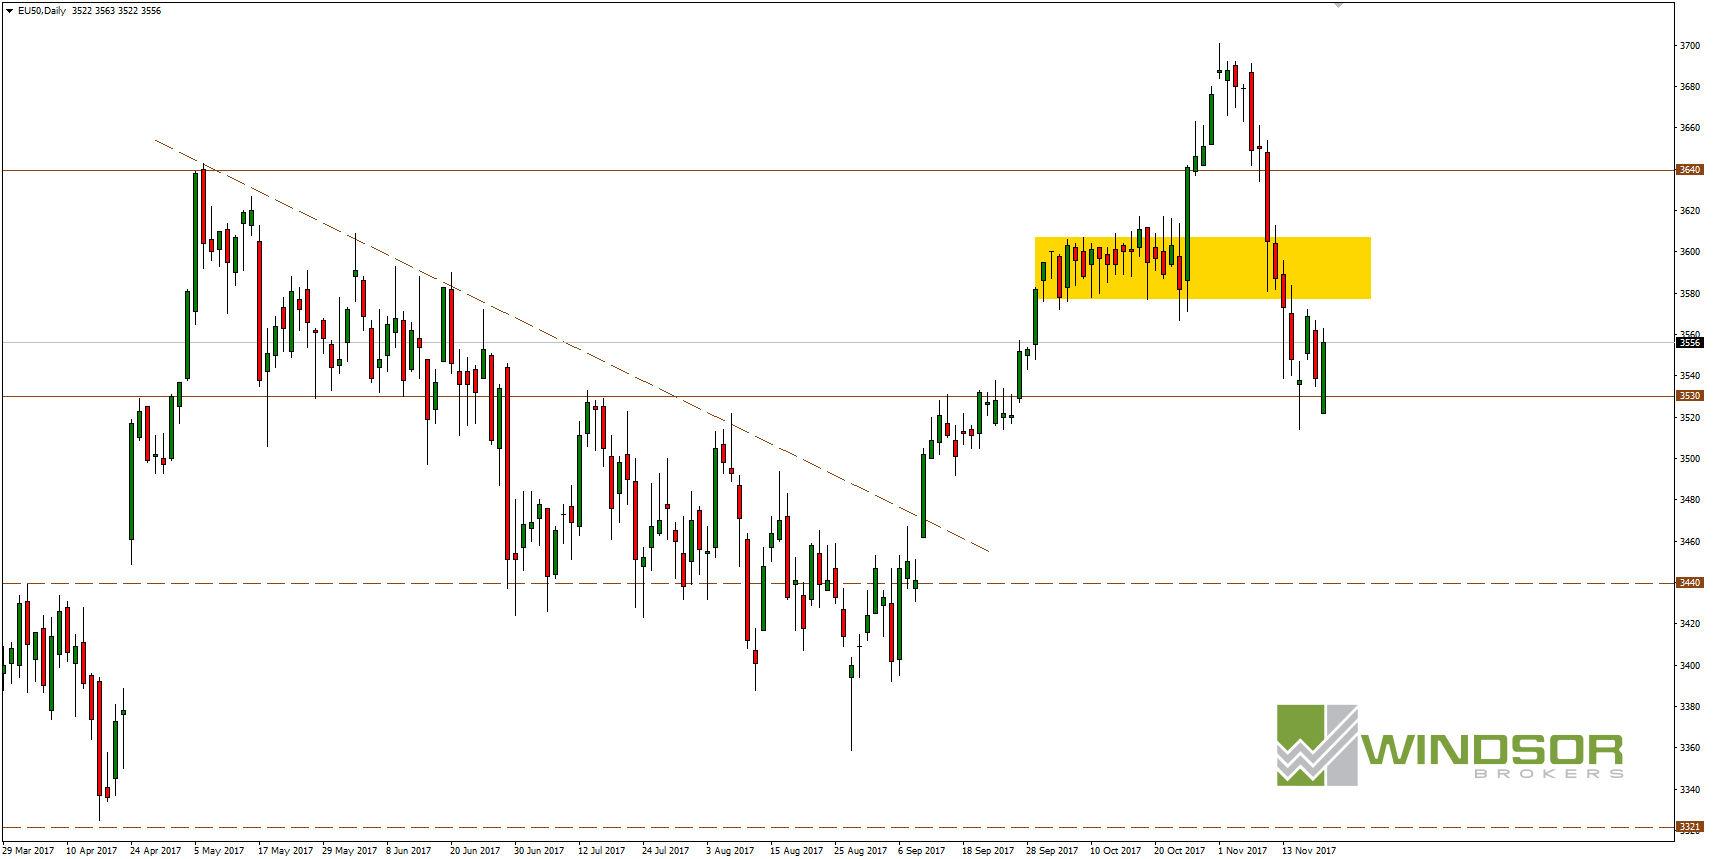 Wykres Euro Stoxx 50 dla interwału D1